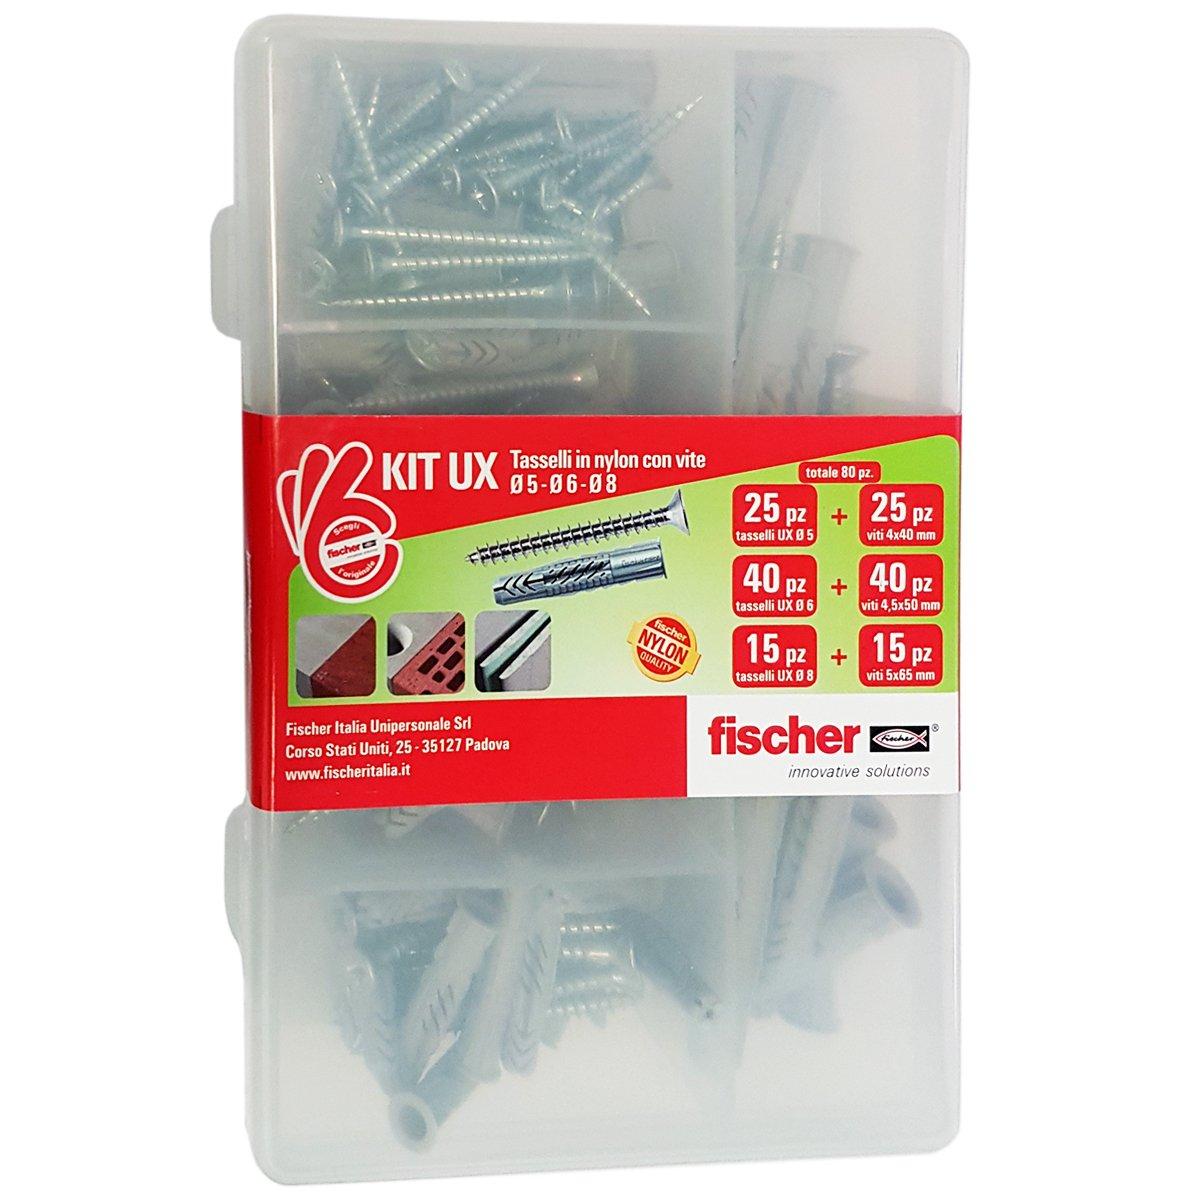 Fischer KIT UX, 80 Tasselli con vite per Fissaggio su Muro pieno, Mattone forato, Cartongesso, 544257